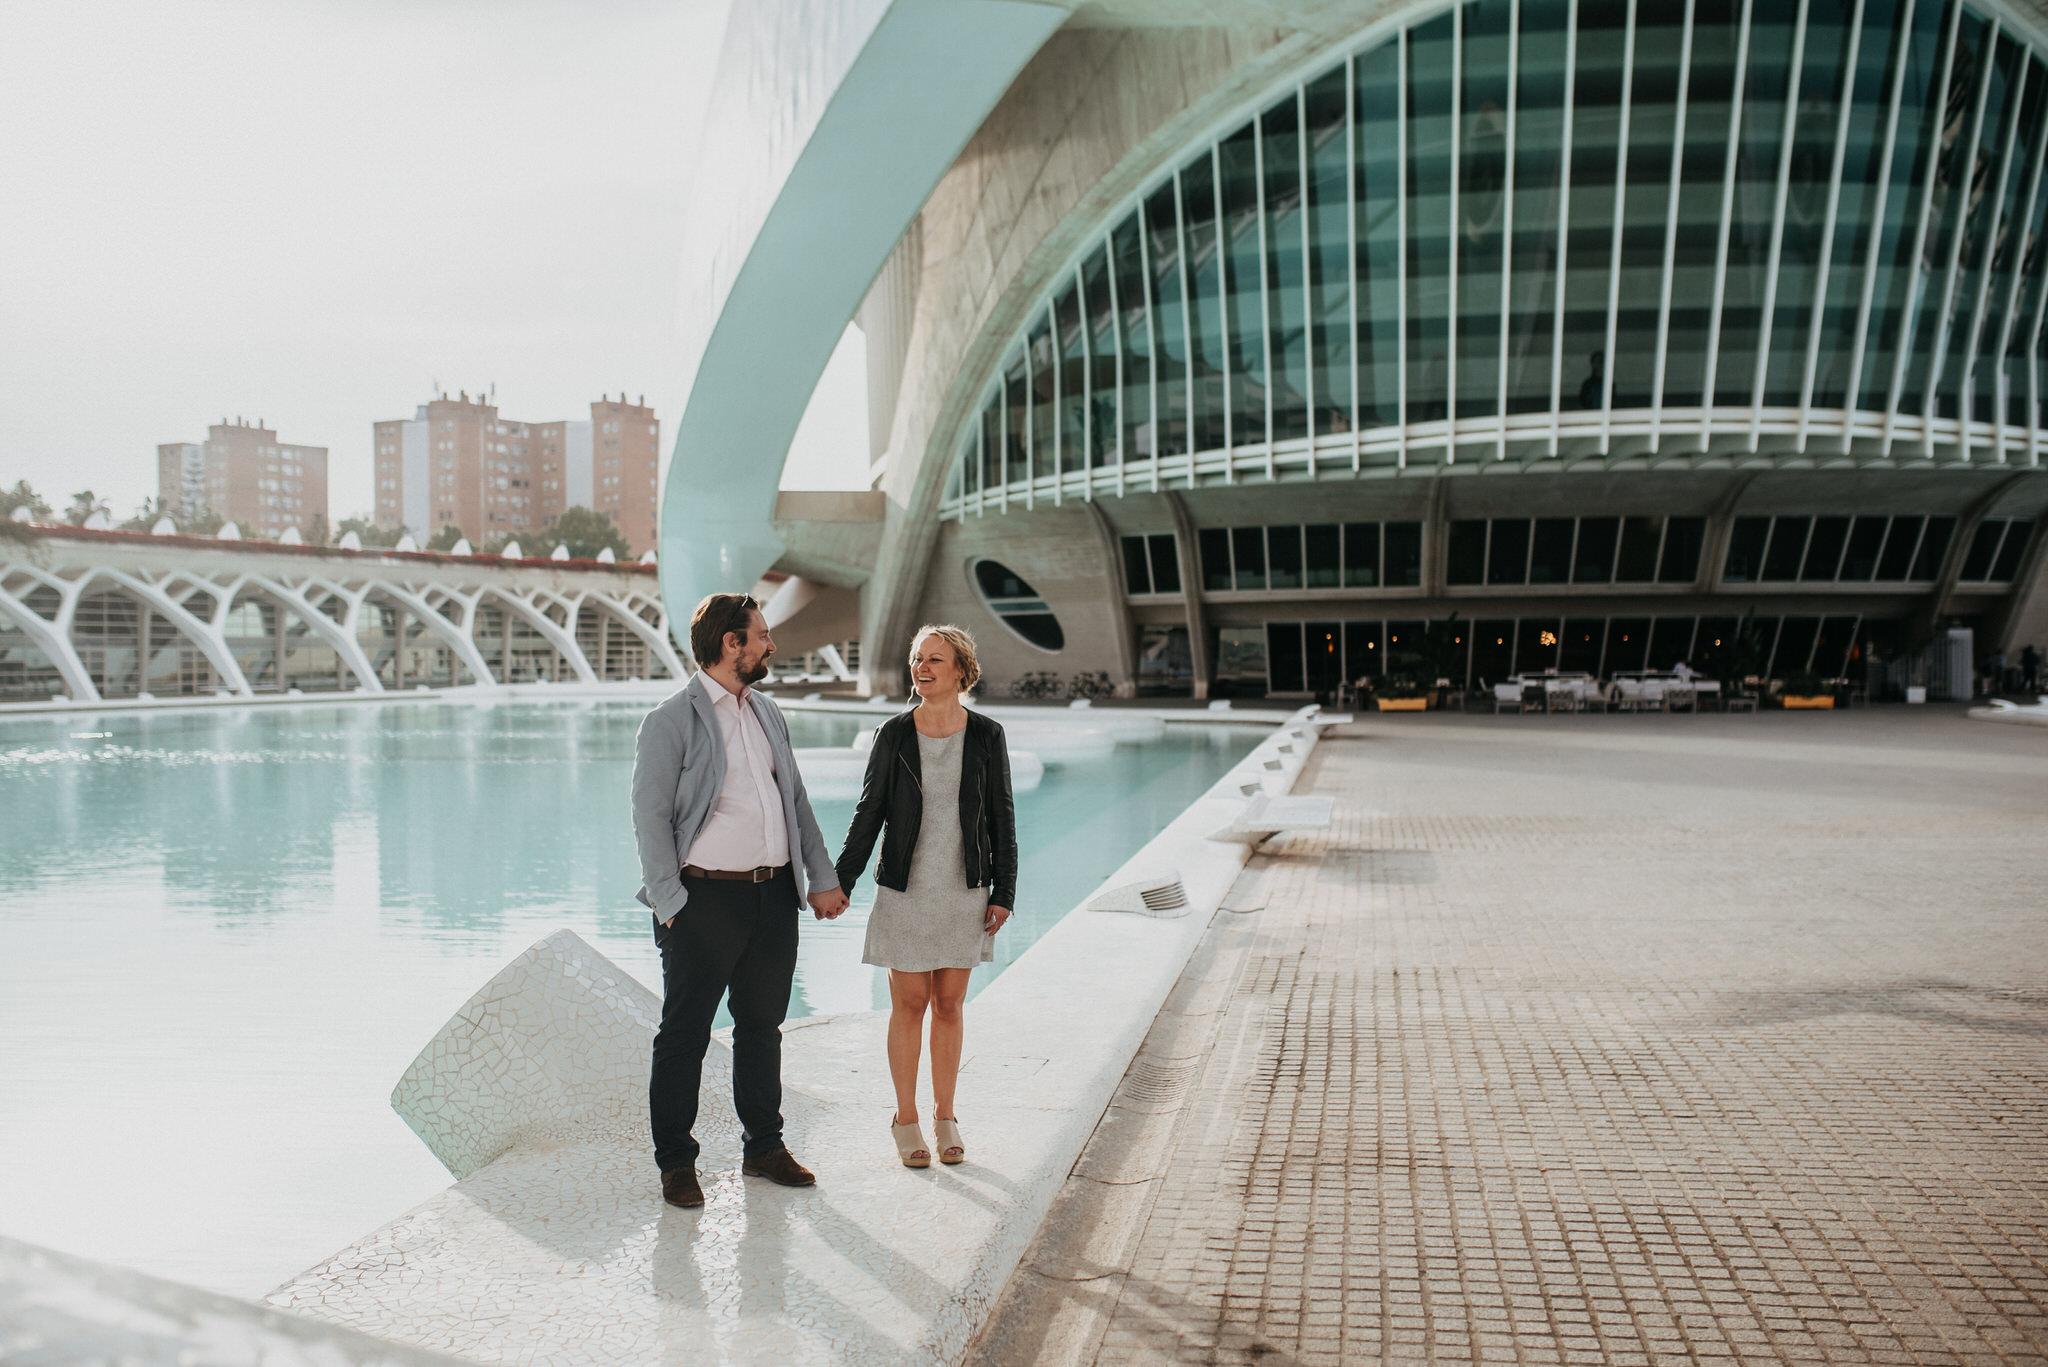 Sesja ślubna zagraniczzna Hiszpania Staszek Gajda0186.JPG